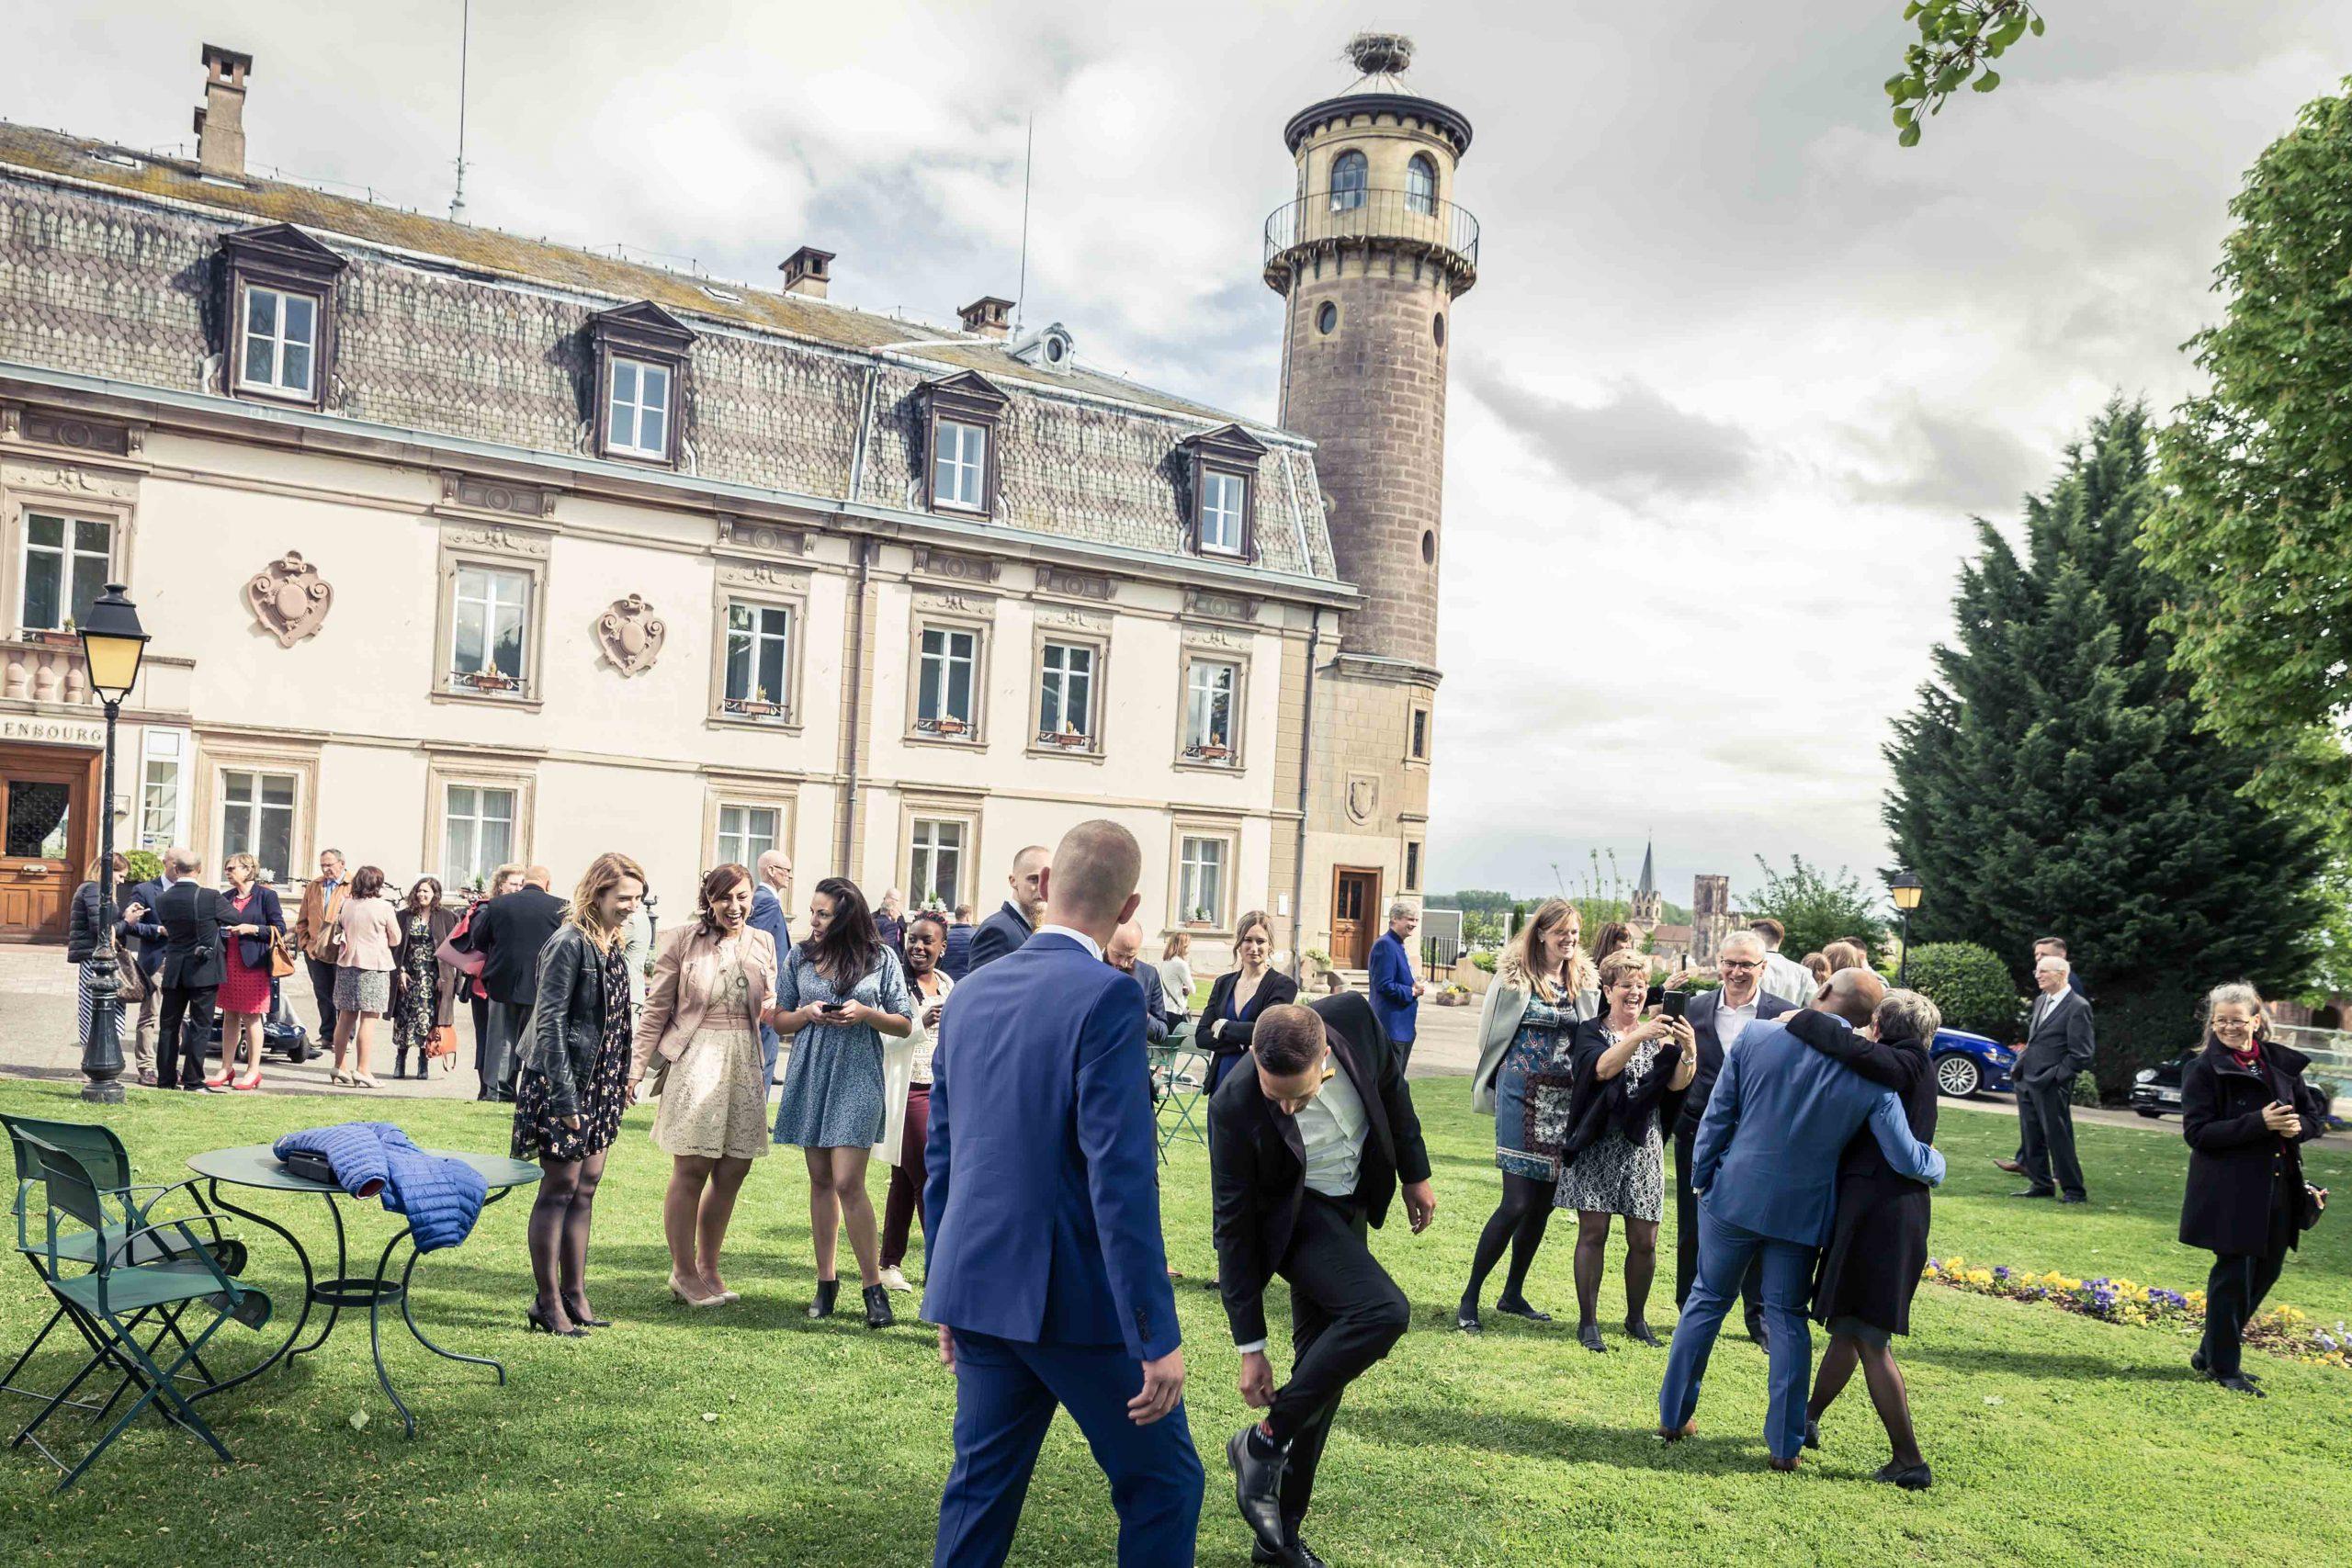 mariage au Chateau d'Issenbourg à Rouffach en Alsace